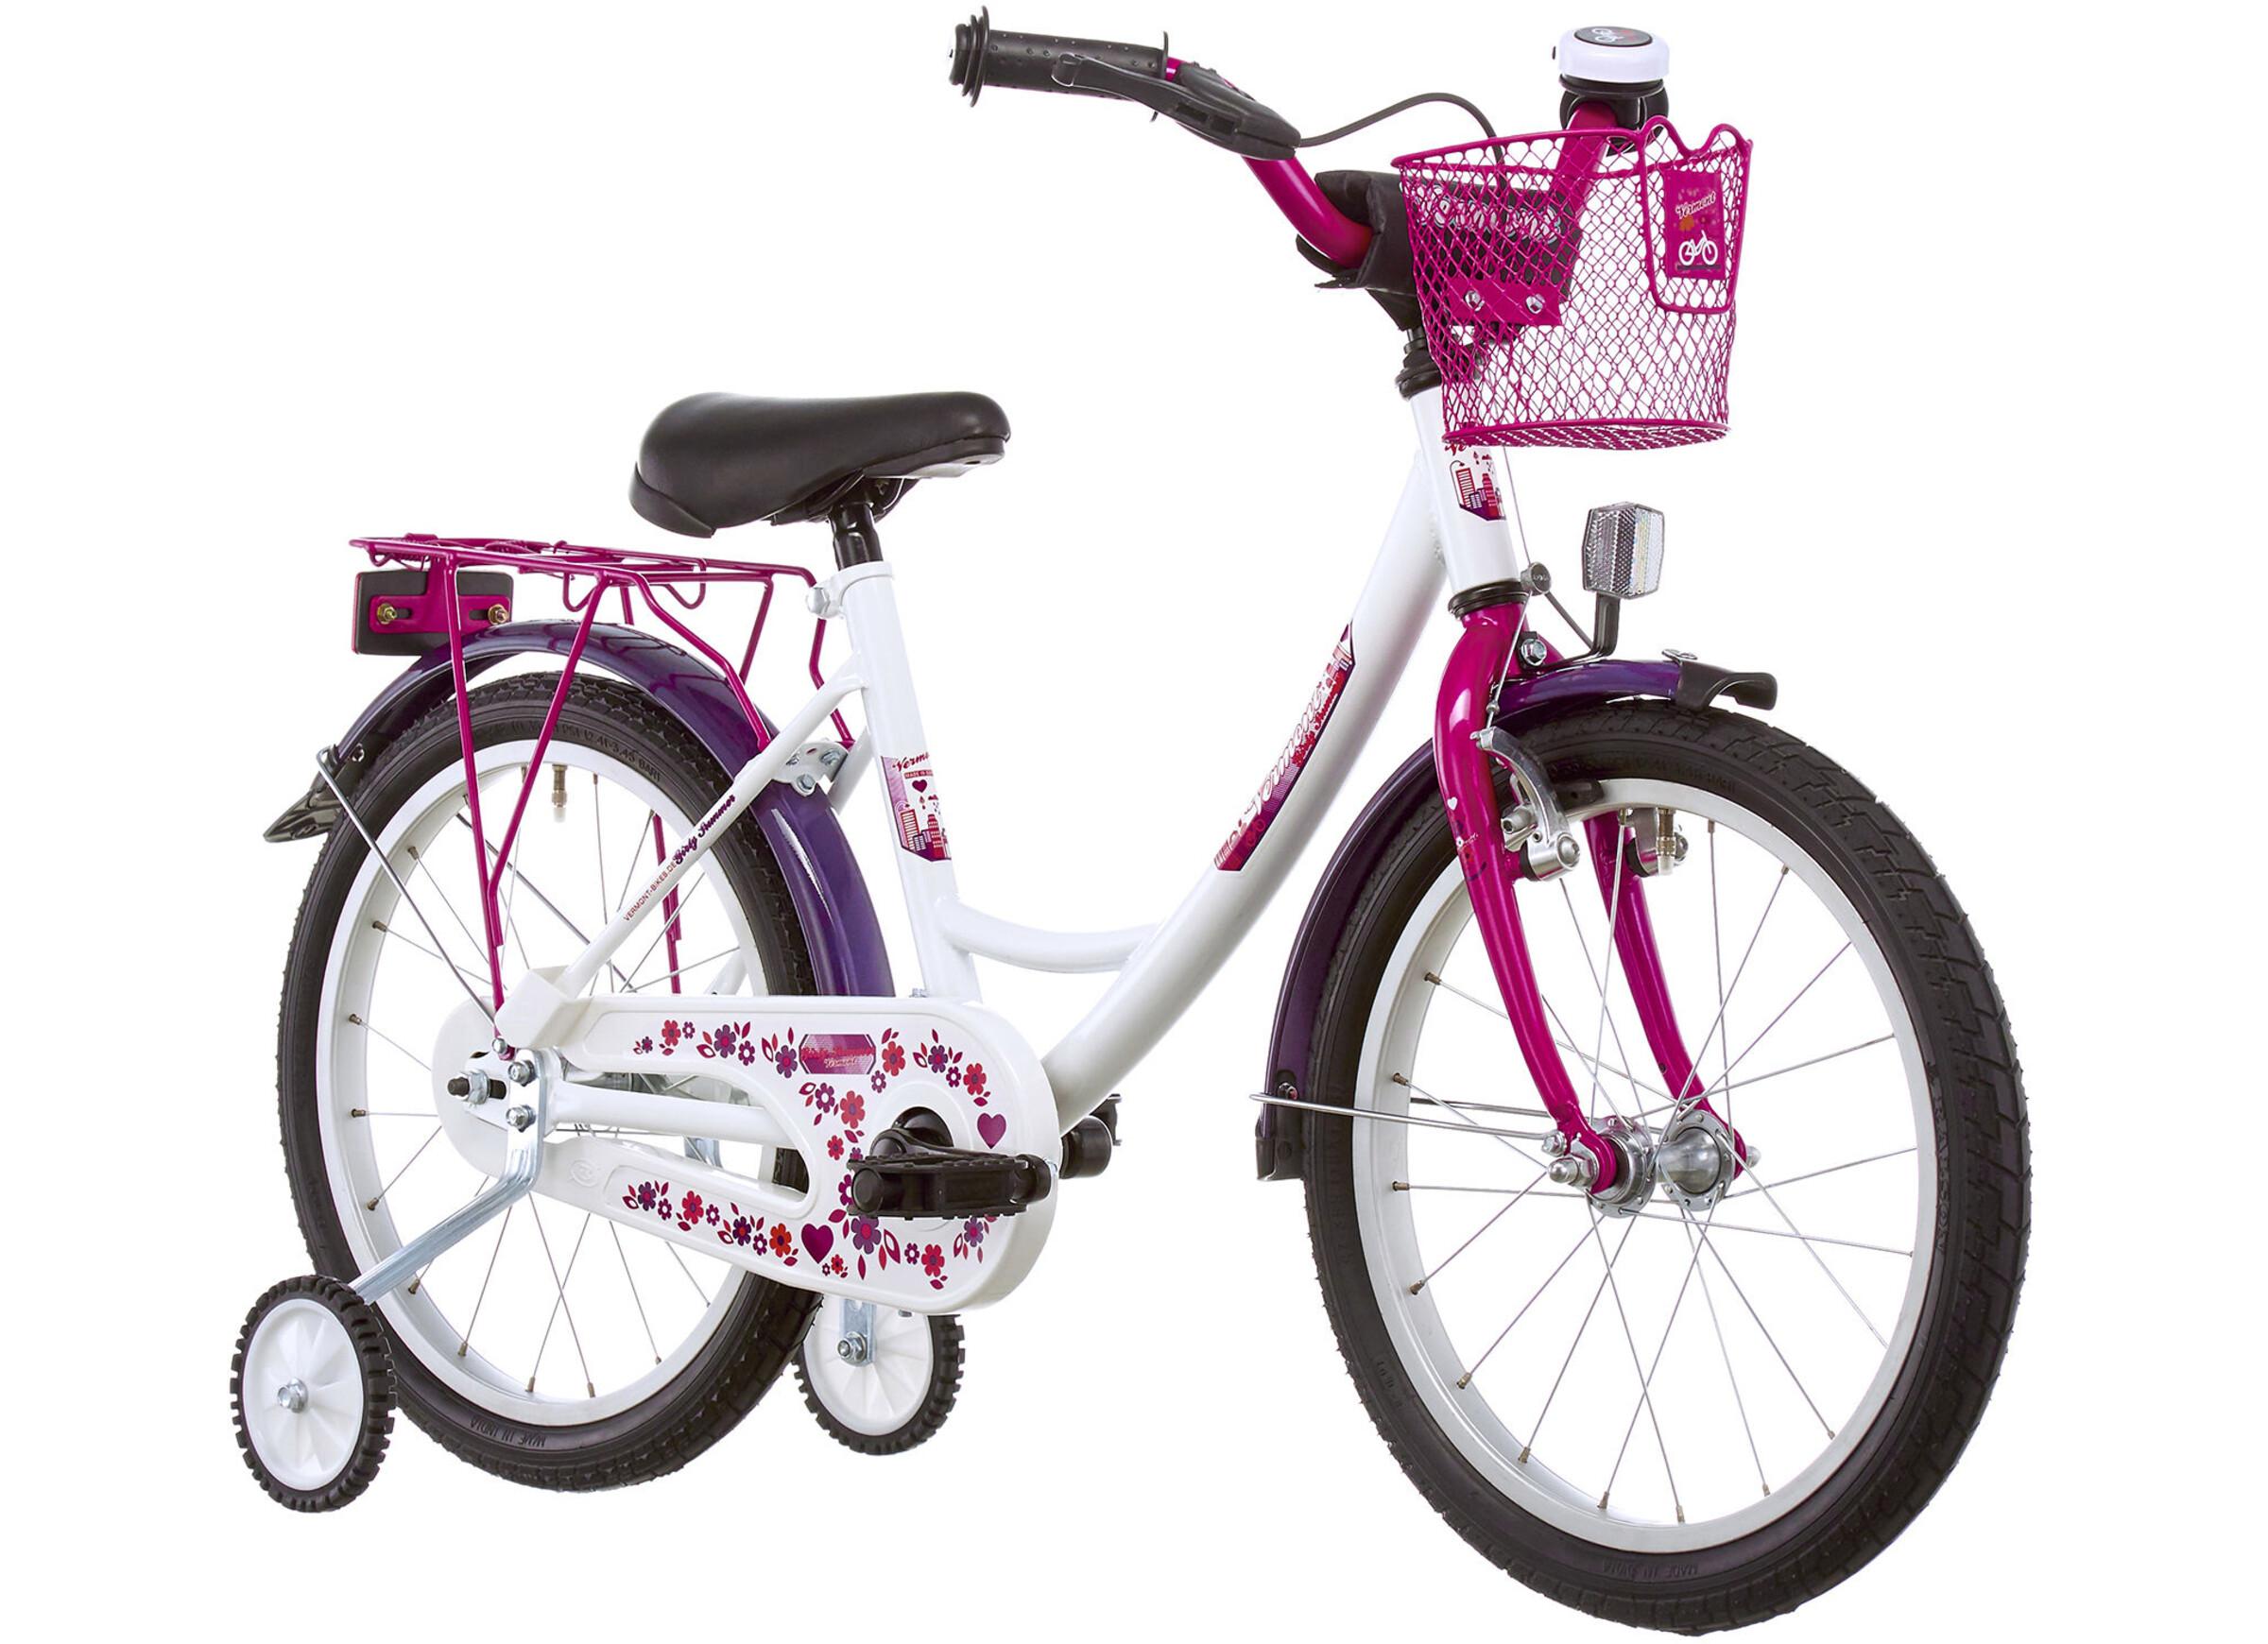 Vermont Girly Summer 18 - Bicicleta para niñas 18 - rosa | Bikester.es